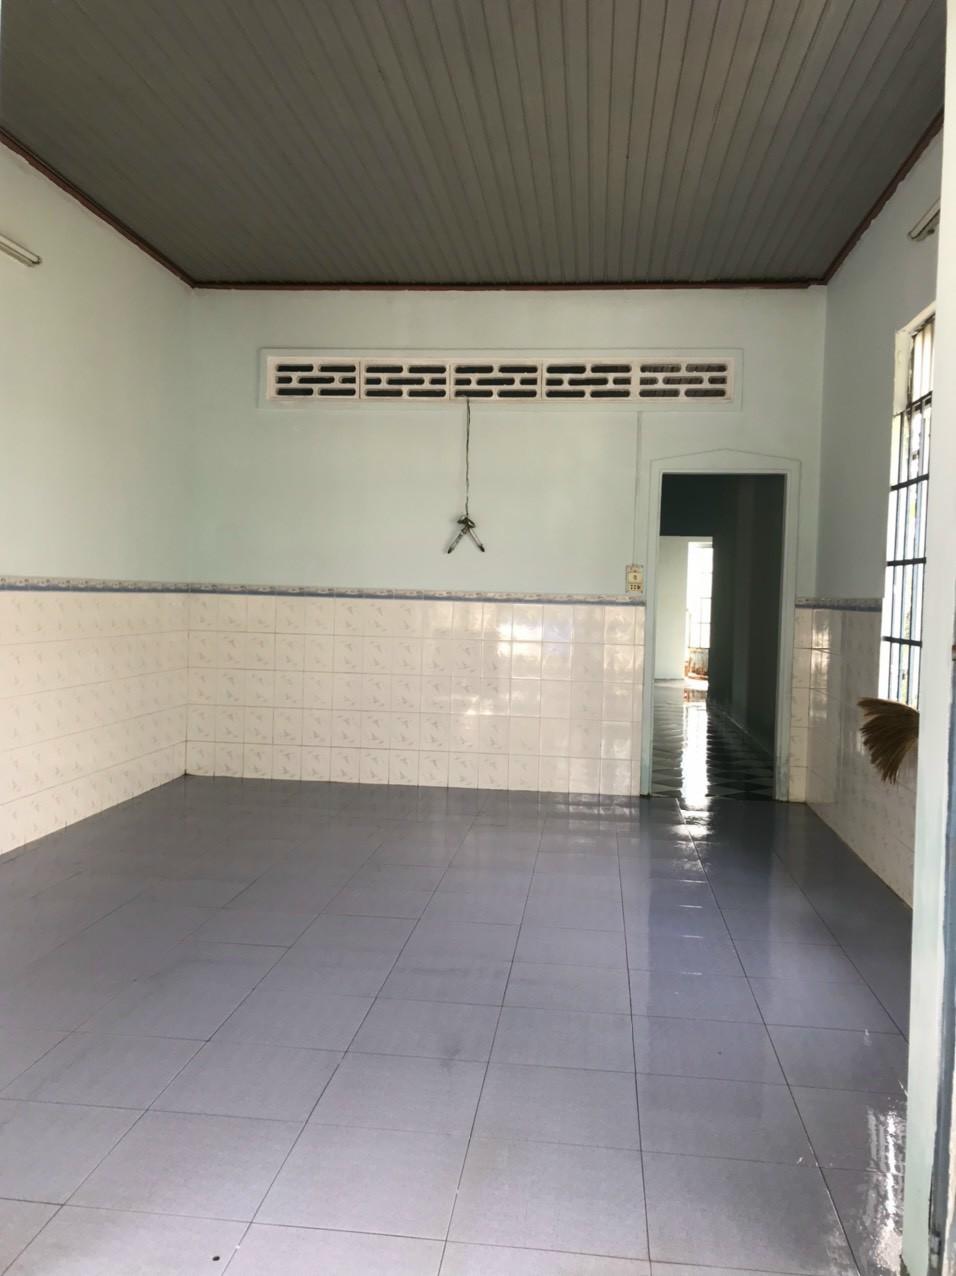 Nhà 253 m2 hẻm ô tô 1 sẹc xã Vĩnh Thanh – Giá: 2.5 tỷ toàn bộ!